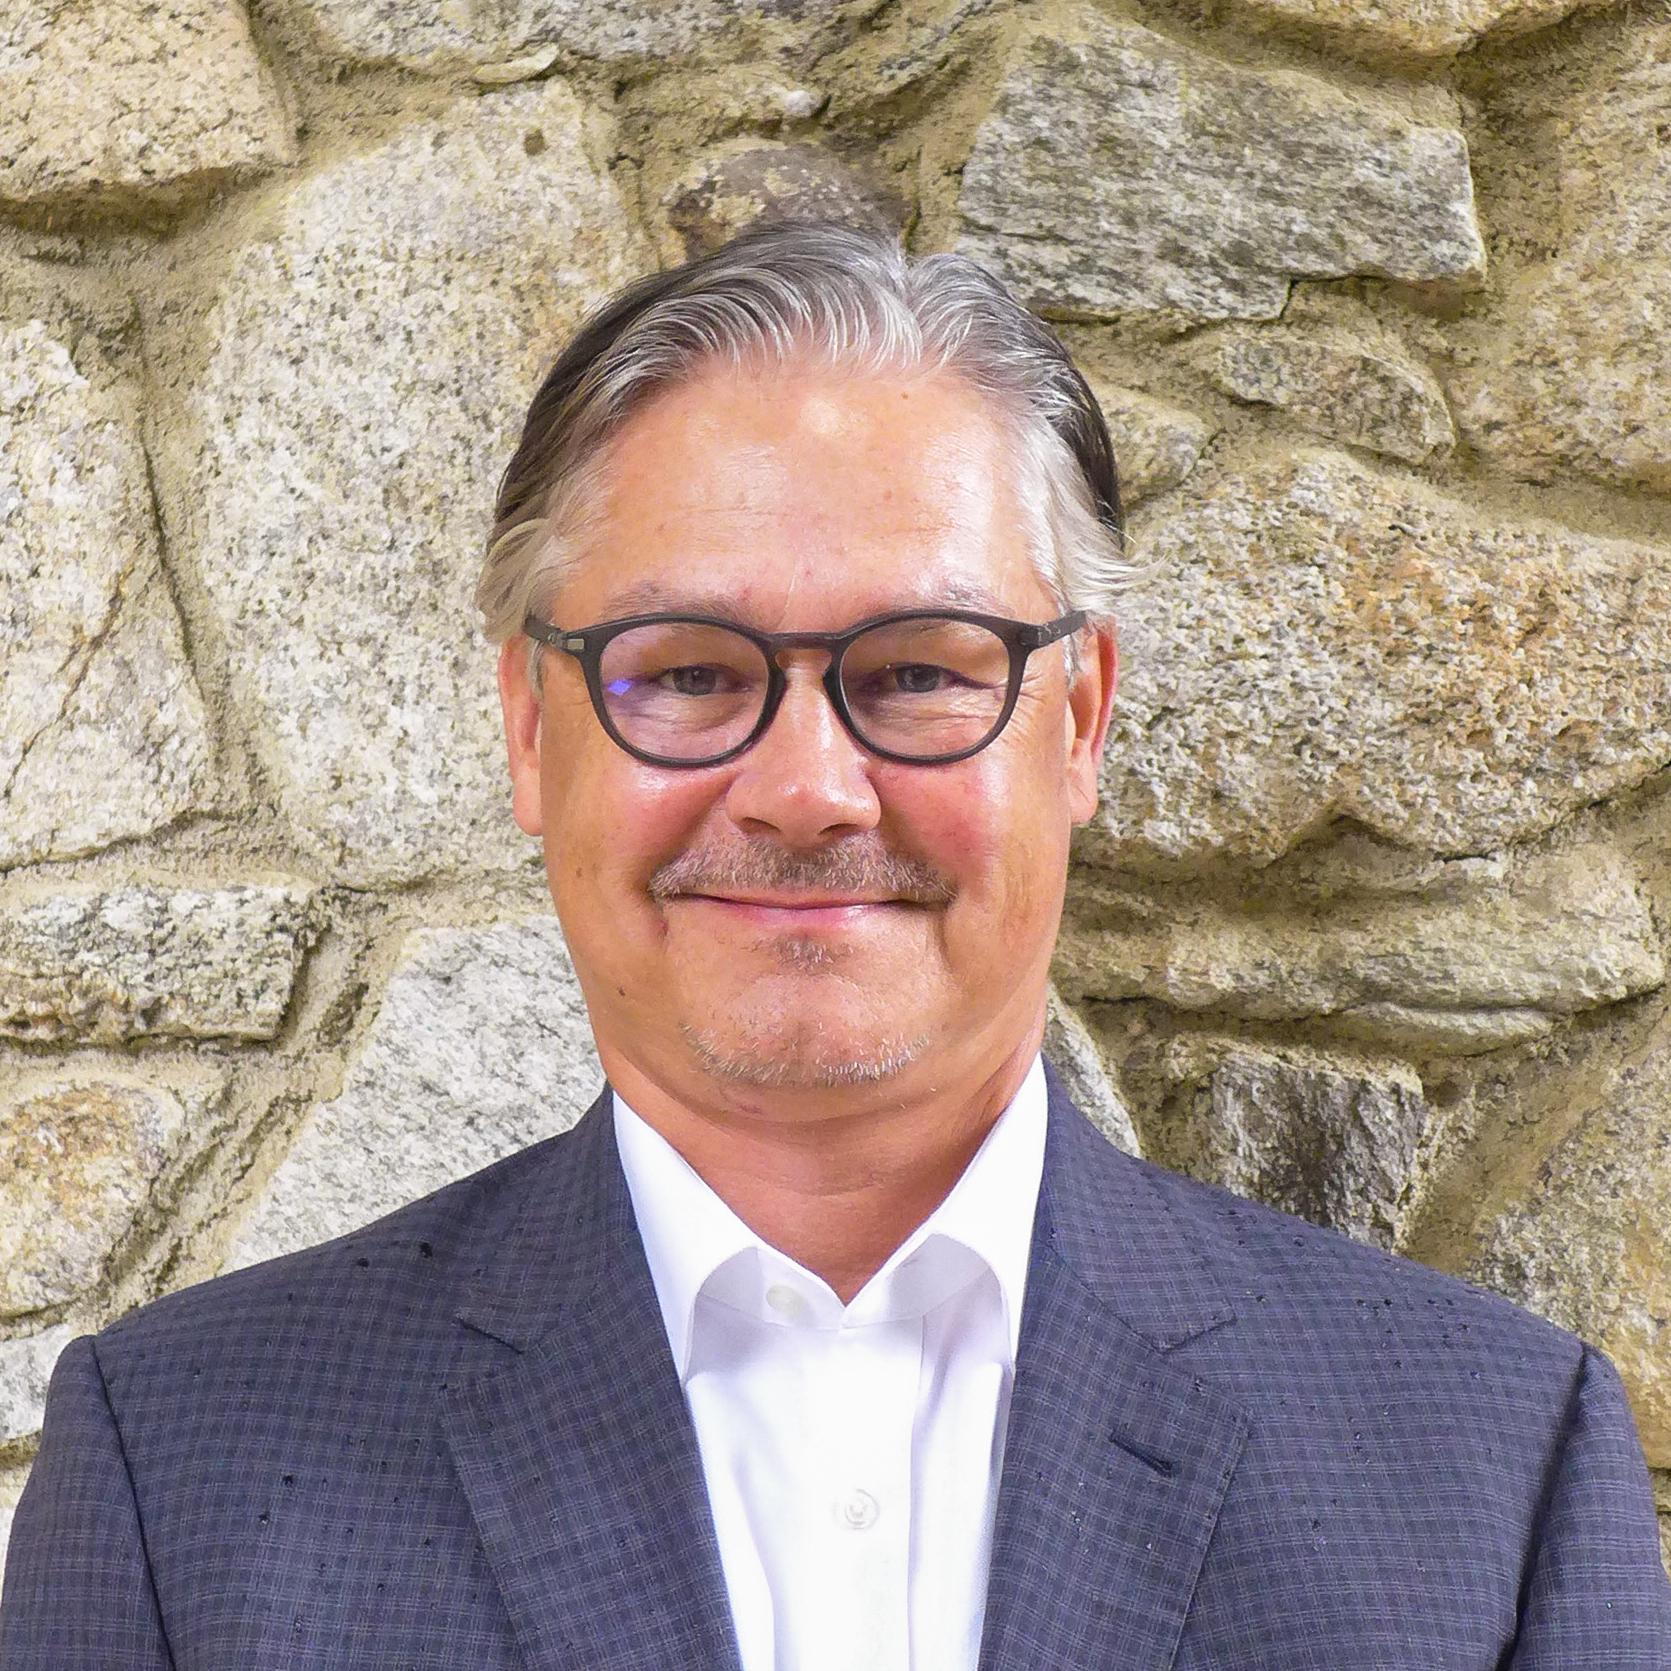 Robert P. Klepper